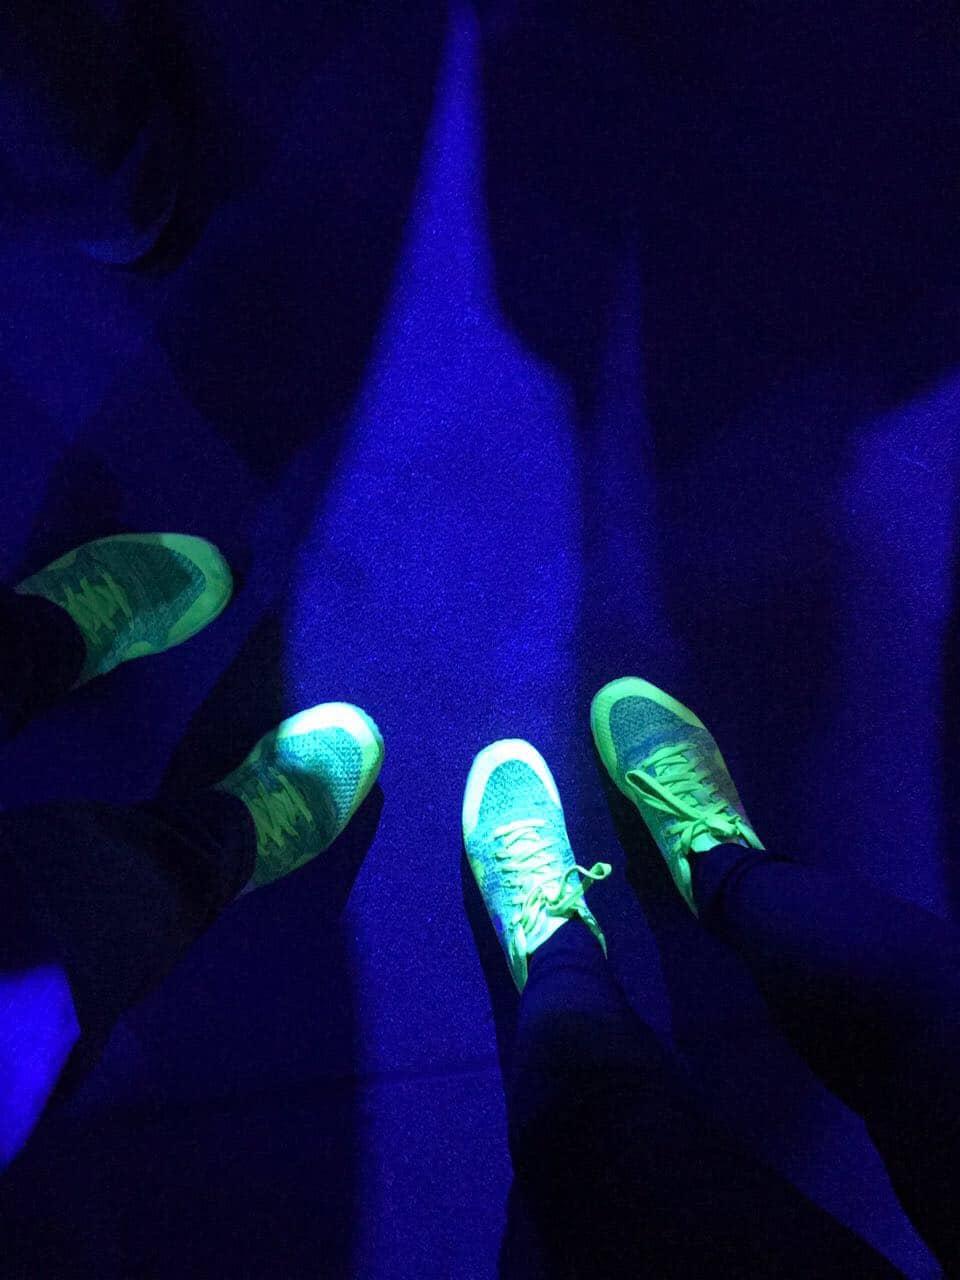 Schuhe auf Boden am Shopware Community Day